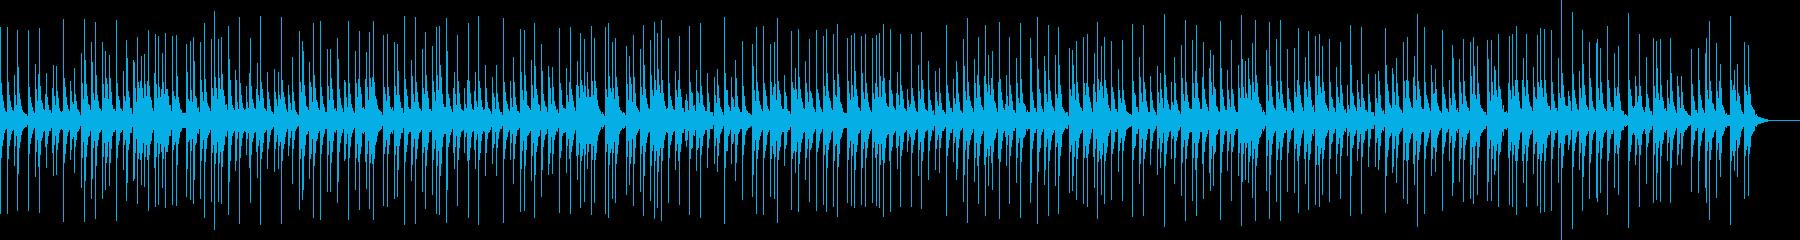 よく聴く伝統的な相撲の寄せ太鼓の再生済みの波形